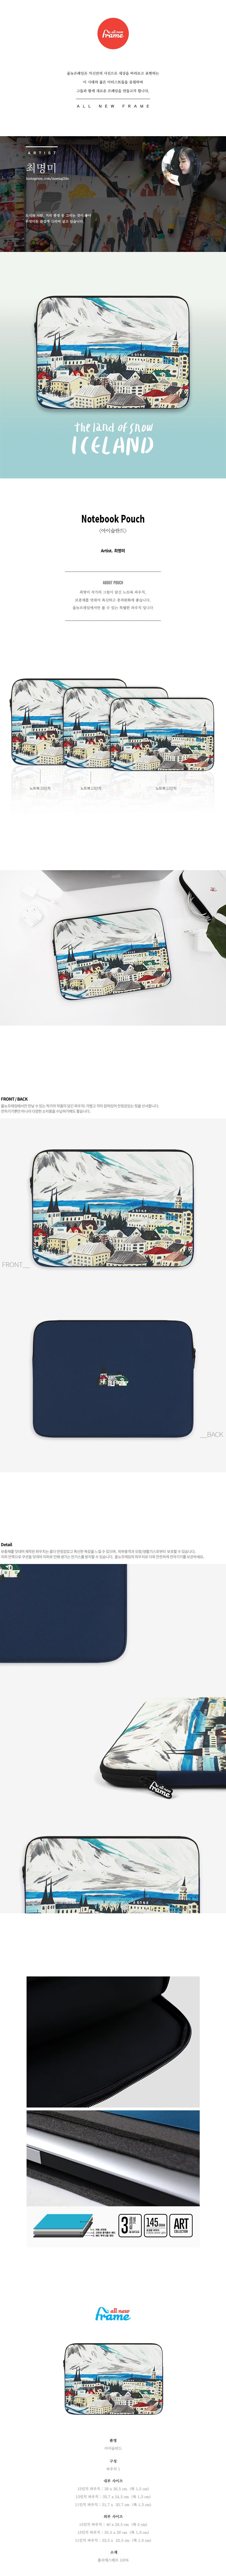 아이슬란드 (11-13-15형)20,000원-올뉴프레임디지털, 노트북가방/파우치류, 노트북 케이스/파우치, 27.94cm~33.78cm바보사랑아이슬란드 (11-13-15형)20,000원-올뉴프레임디지털, 노트북가방/파우치류, 노트북 케이스/파우치, 27.94cm~33.78cm바보사랑